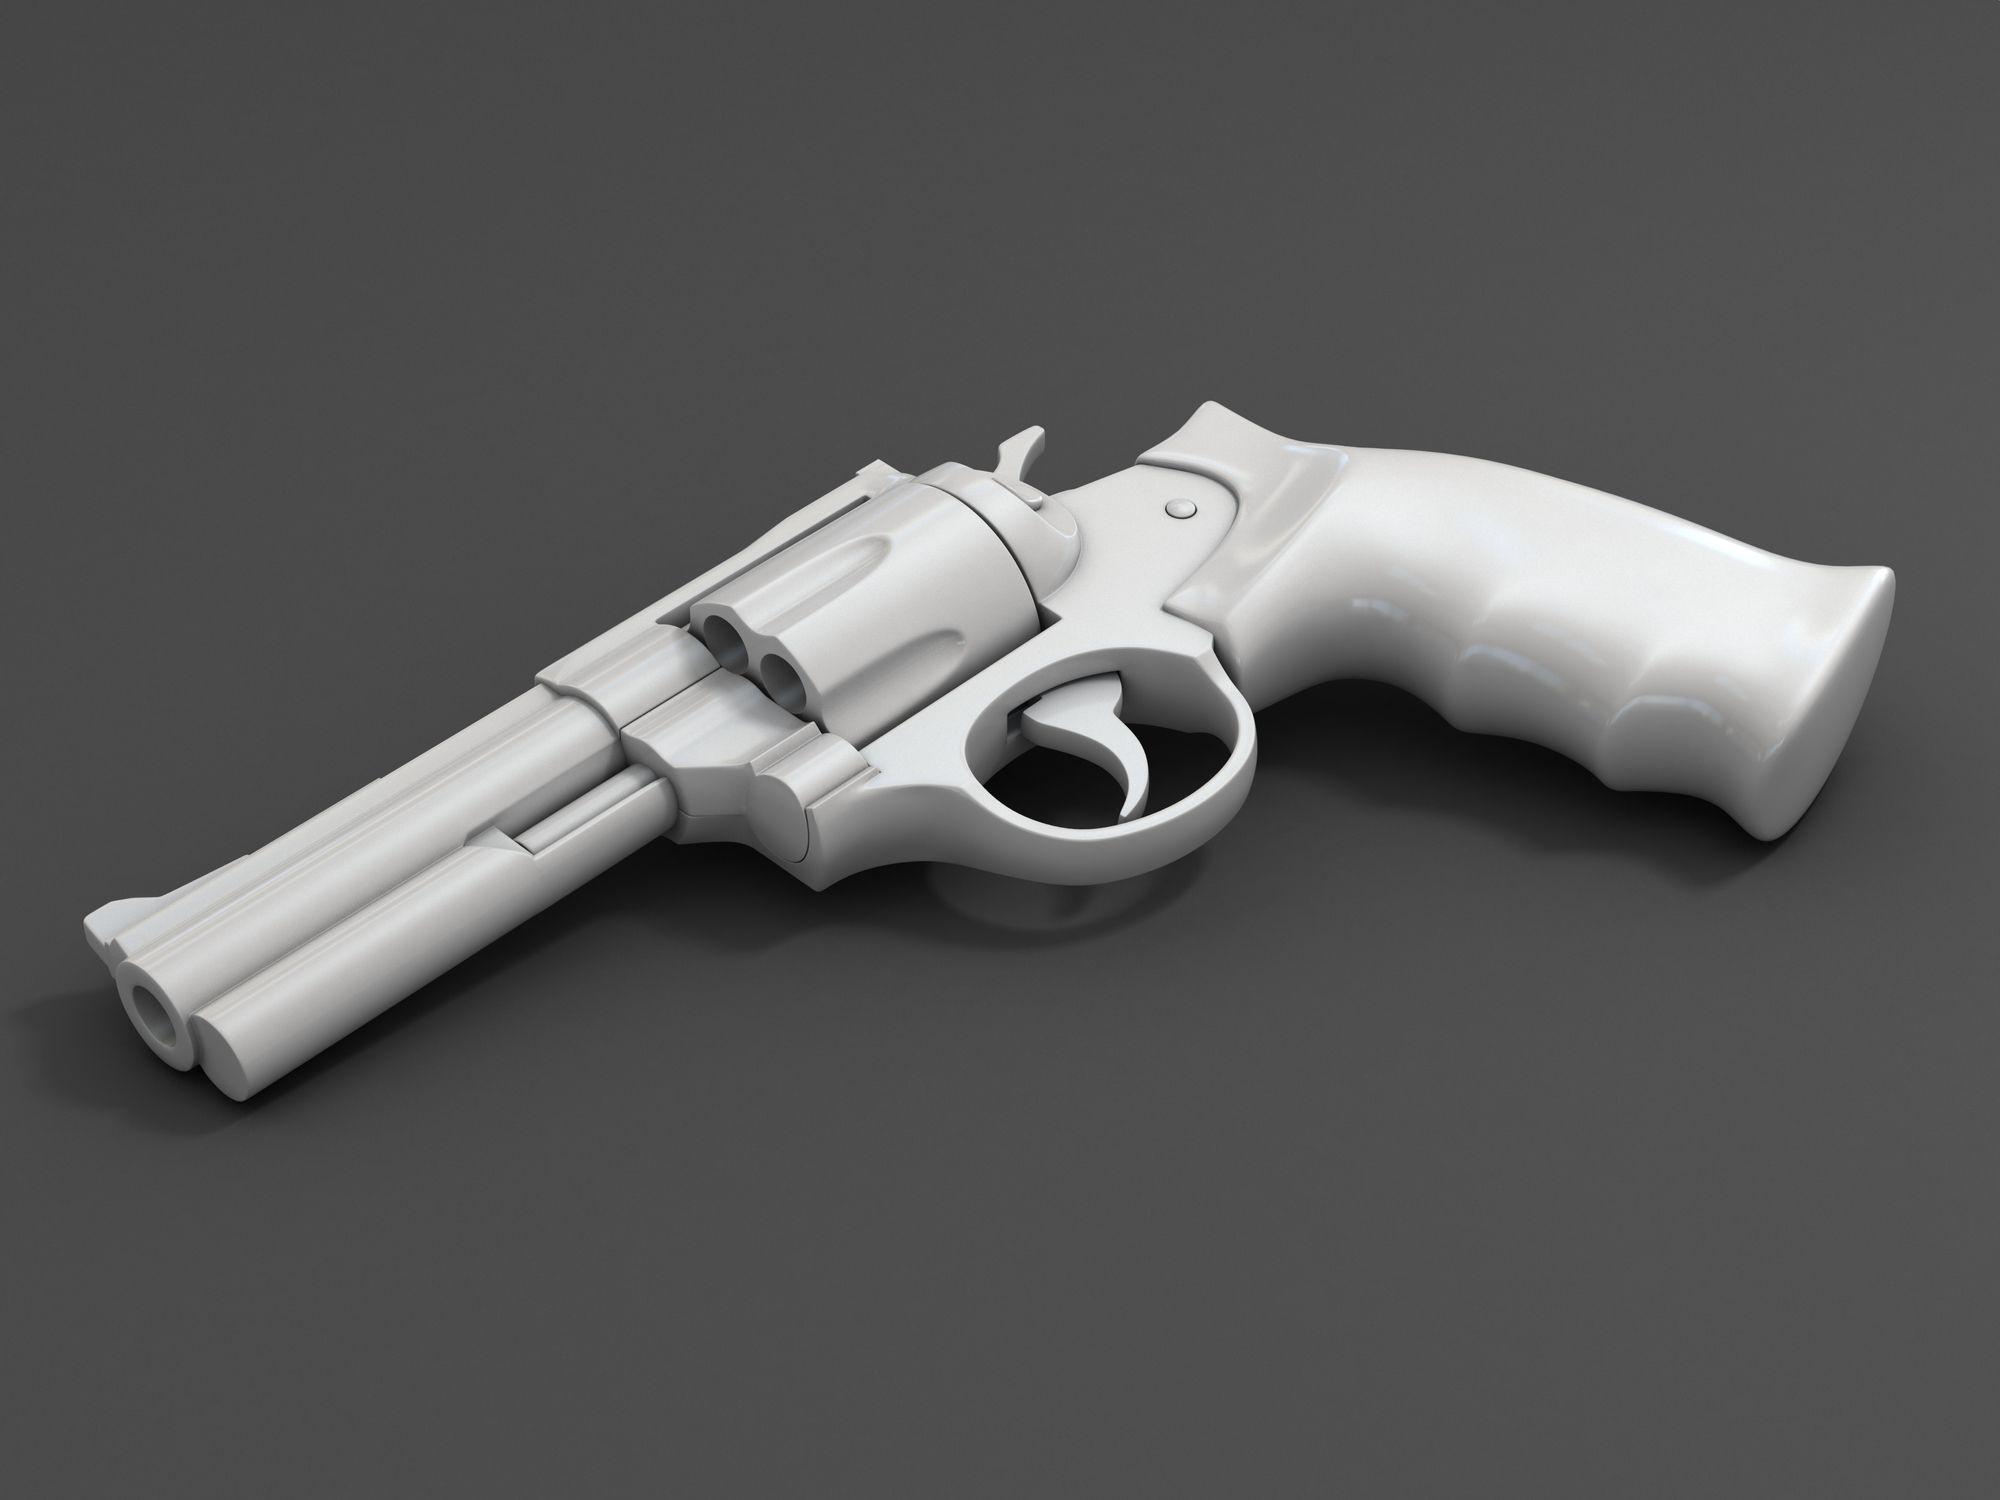 scolex fegyveres lánc